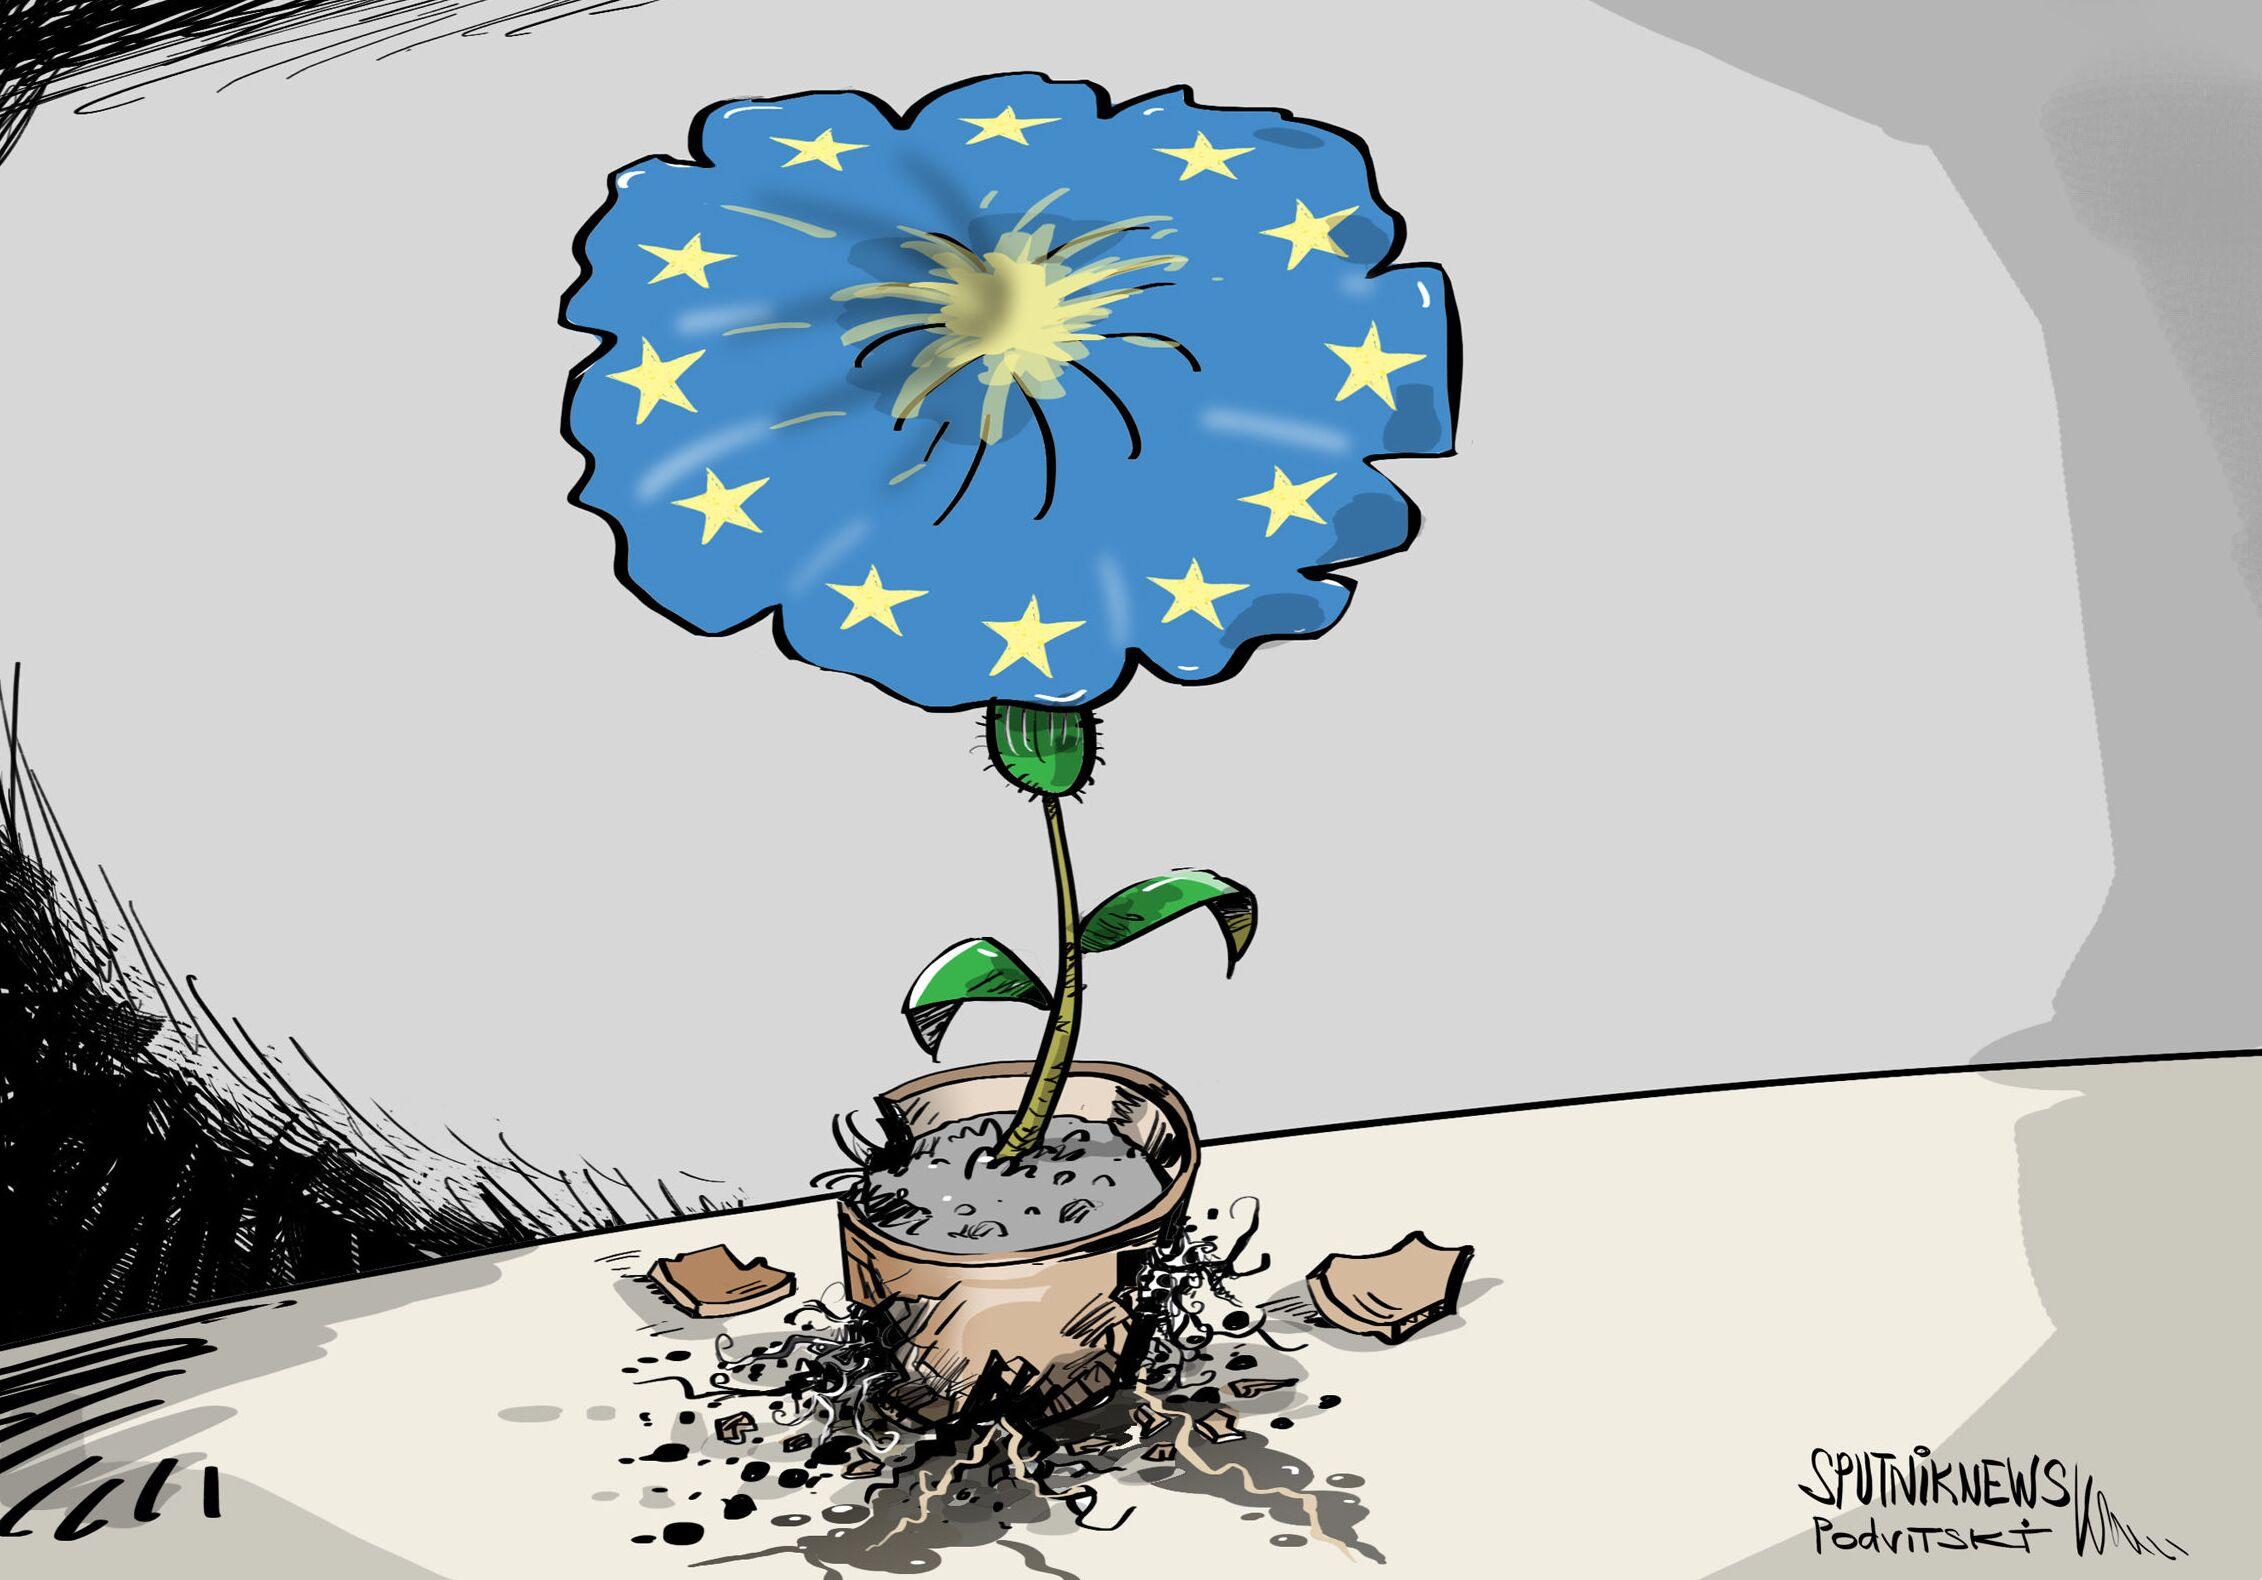 الاتحاد الأوروبي قد يضعف بسبب تصرفات عدد من الدول الأعضاء